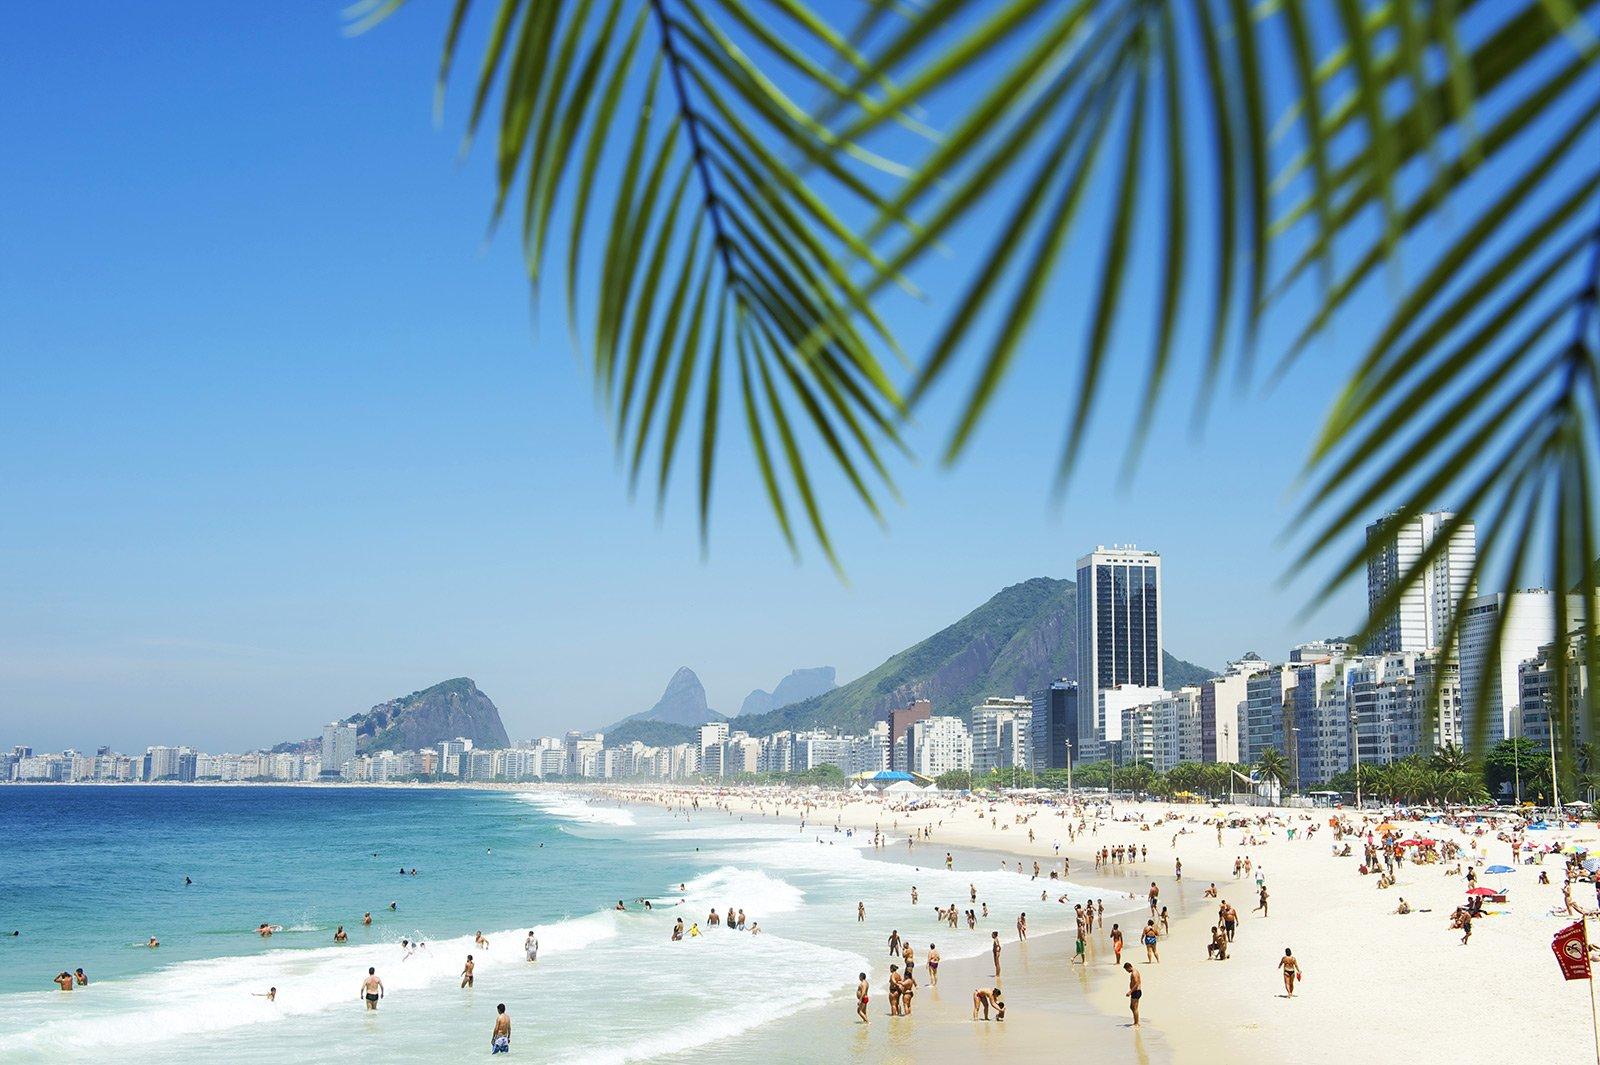 обои на рабочий стол рио де жанейро пляж копакабана выгодным условиям